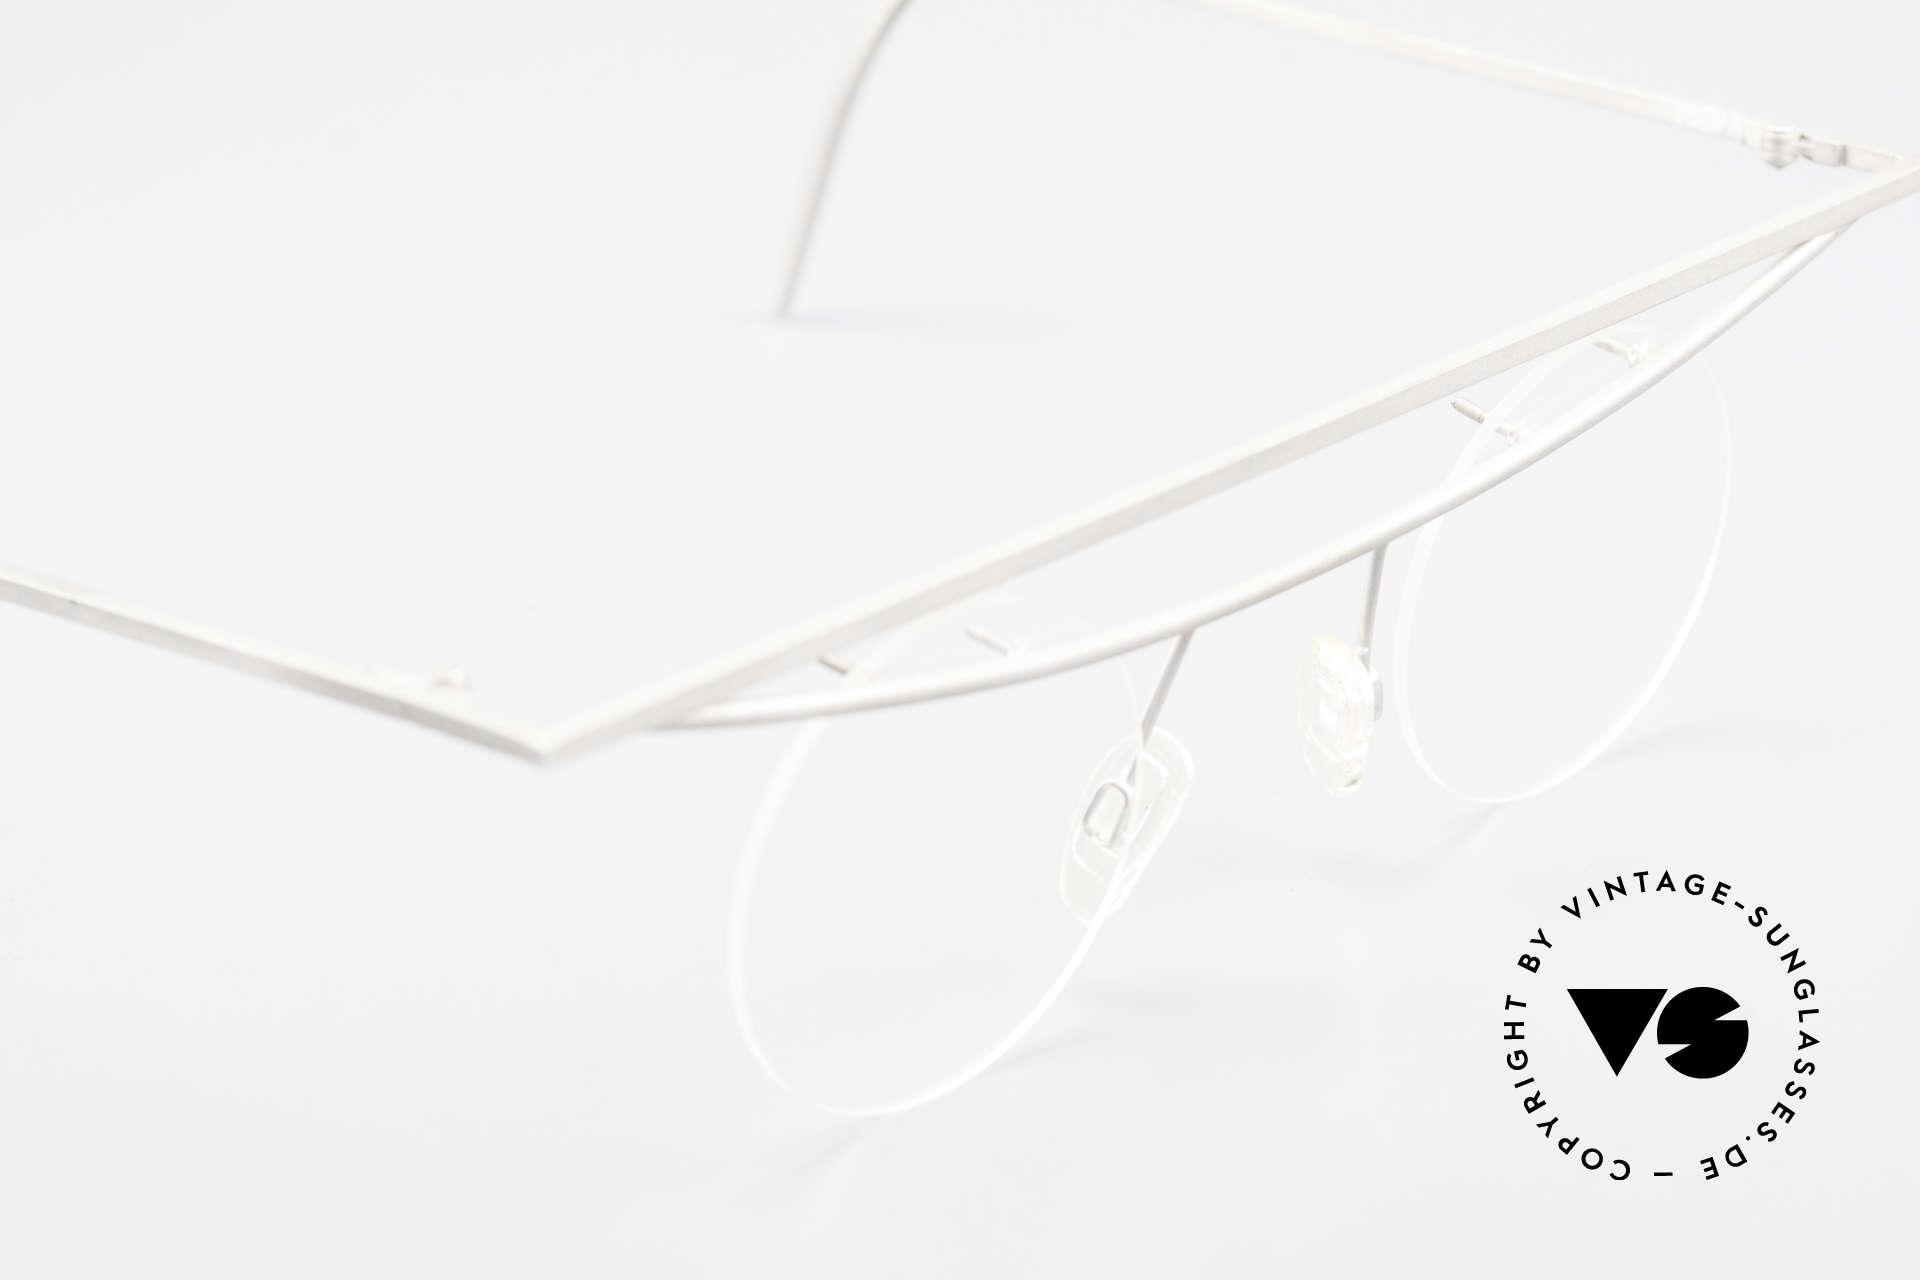 B. Angeletti Cesna Vintage Architekten Brille XL, intellektuelles Design für Individualisten, BAUHAUS Stil, Passend für Herren und Damen